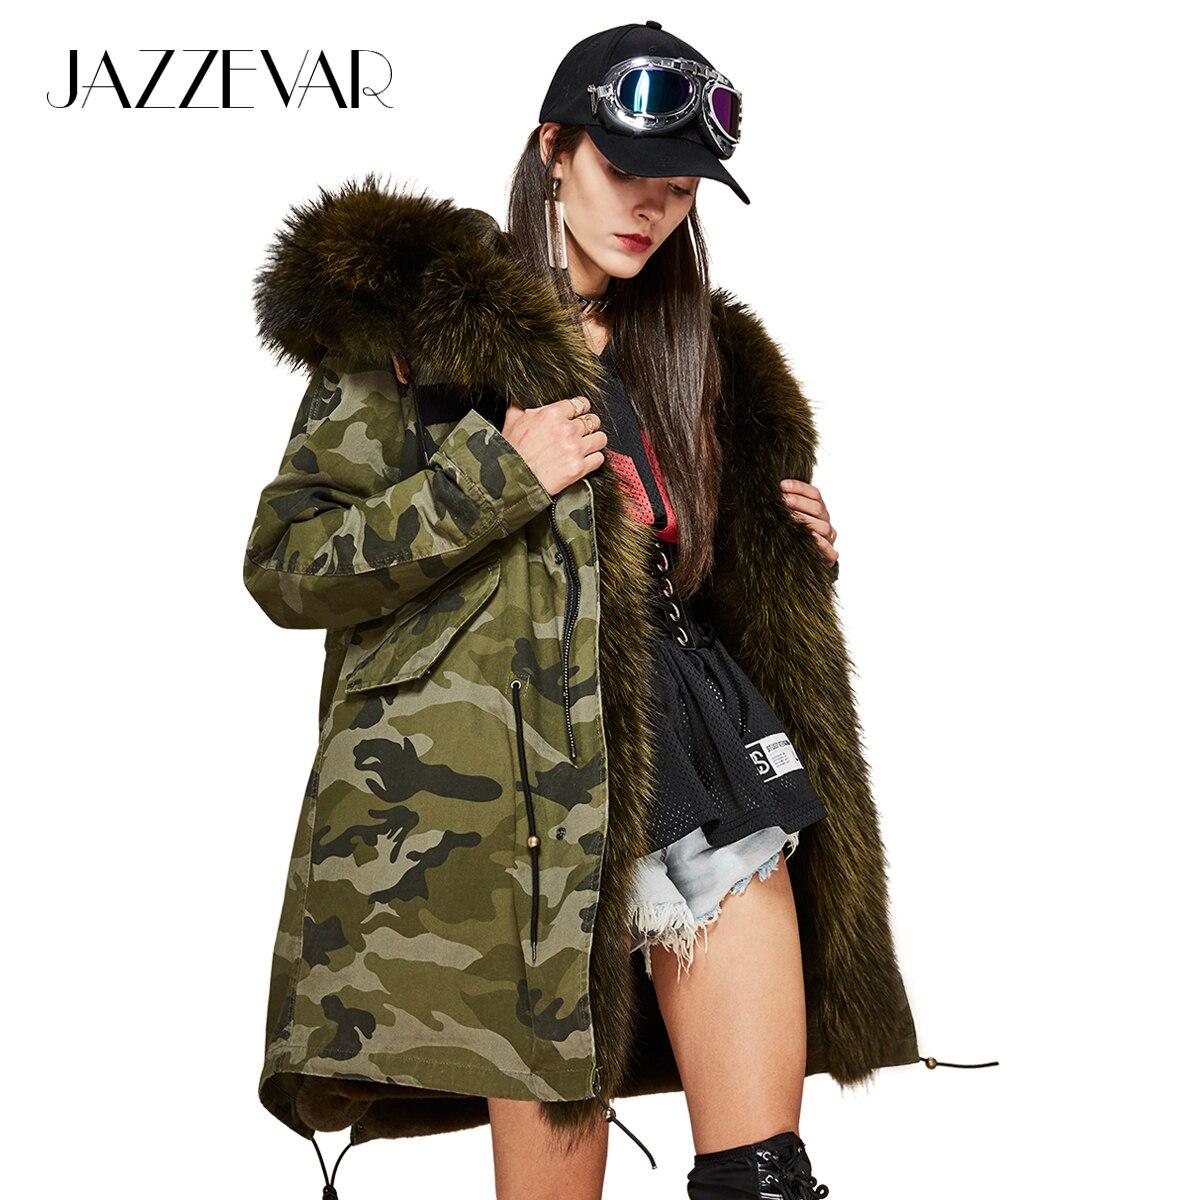 JAZZEVAR 2019 Nuovo delle Donne di Lusso Grande raccon collo di pelliccia Bavero Del Cappotto con cappuccio camouflage Militare Parka caldo Outwear Giacca Invernale